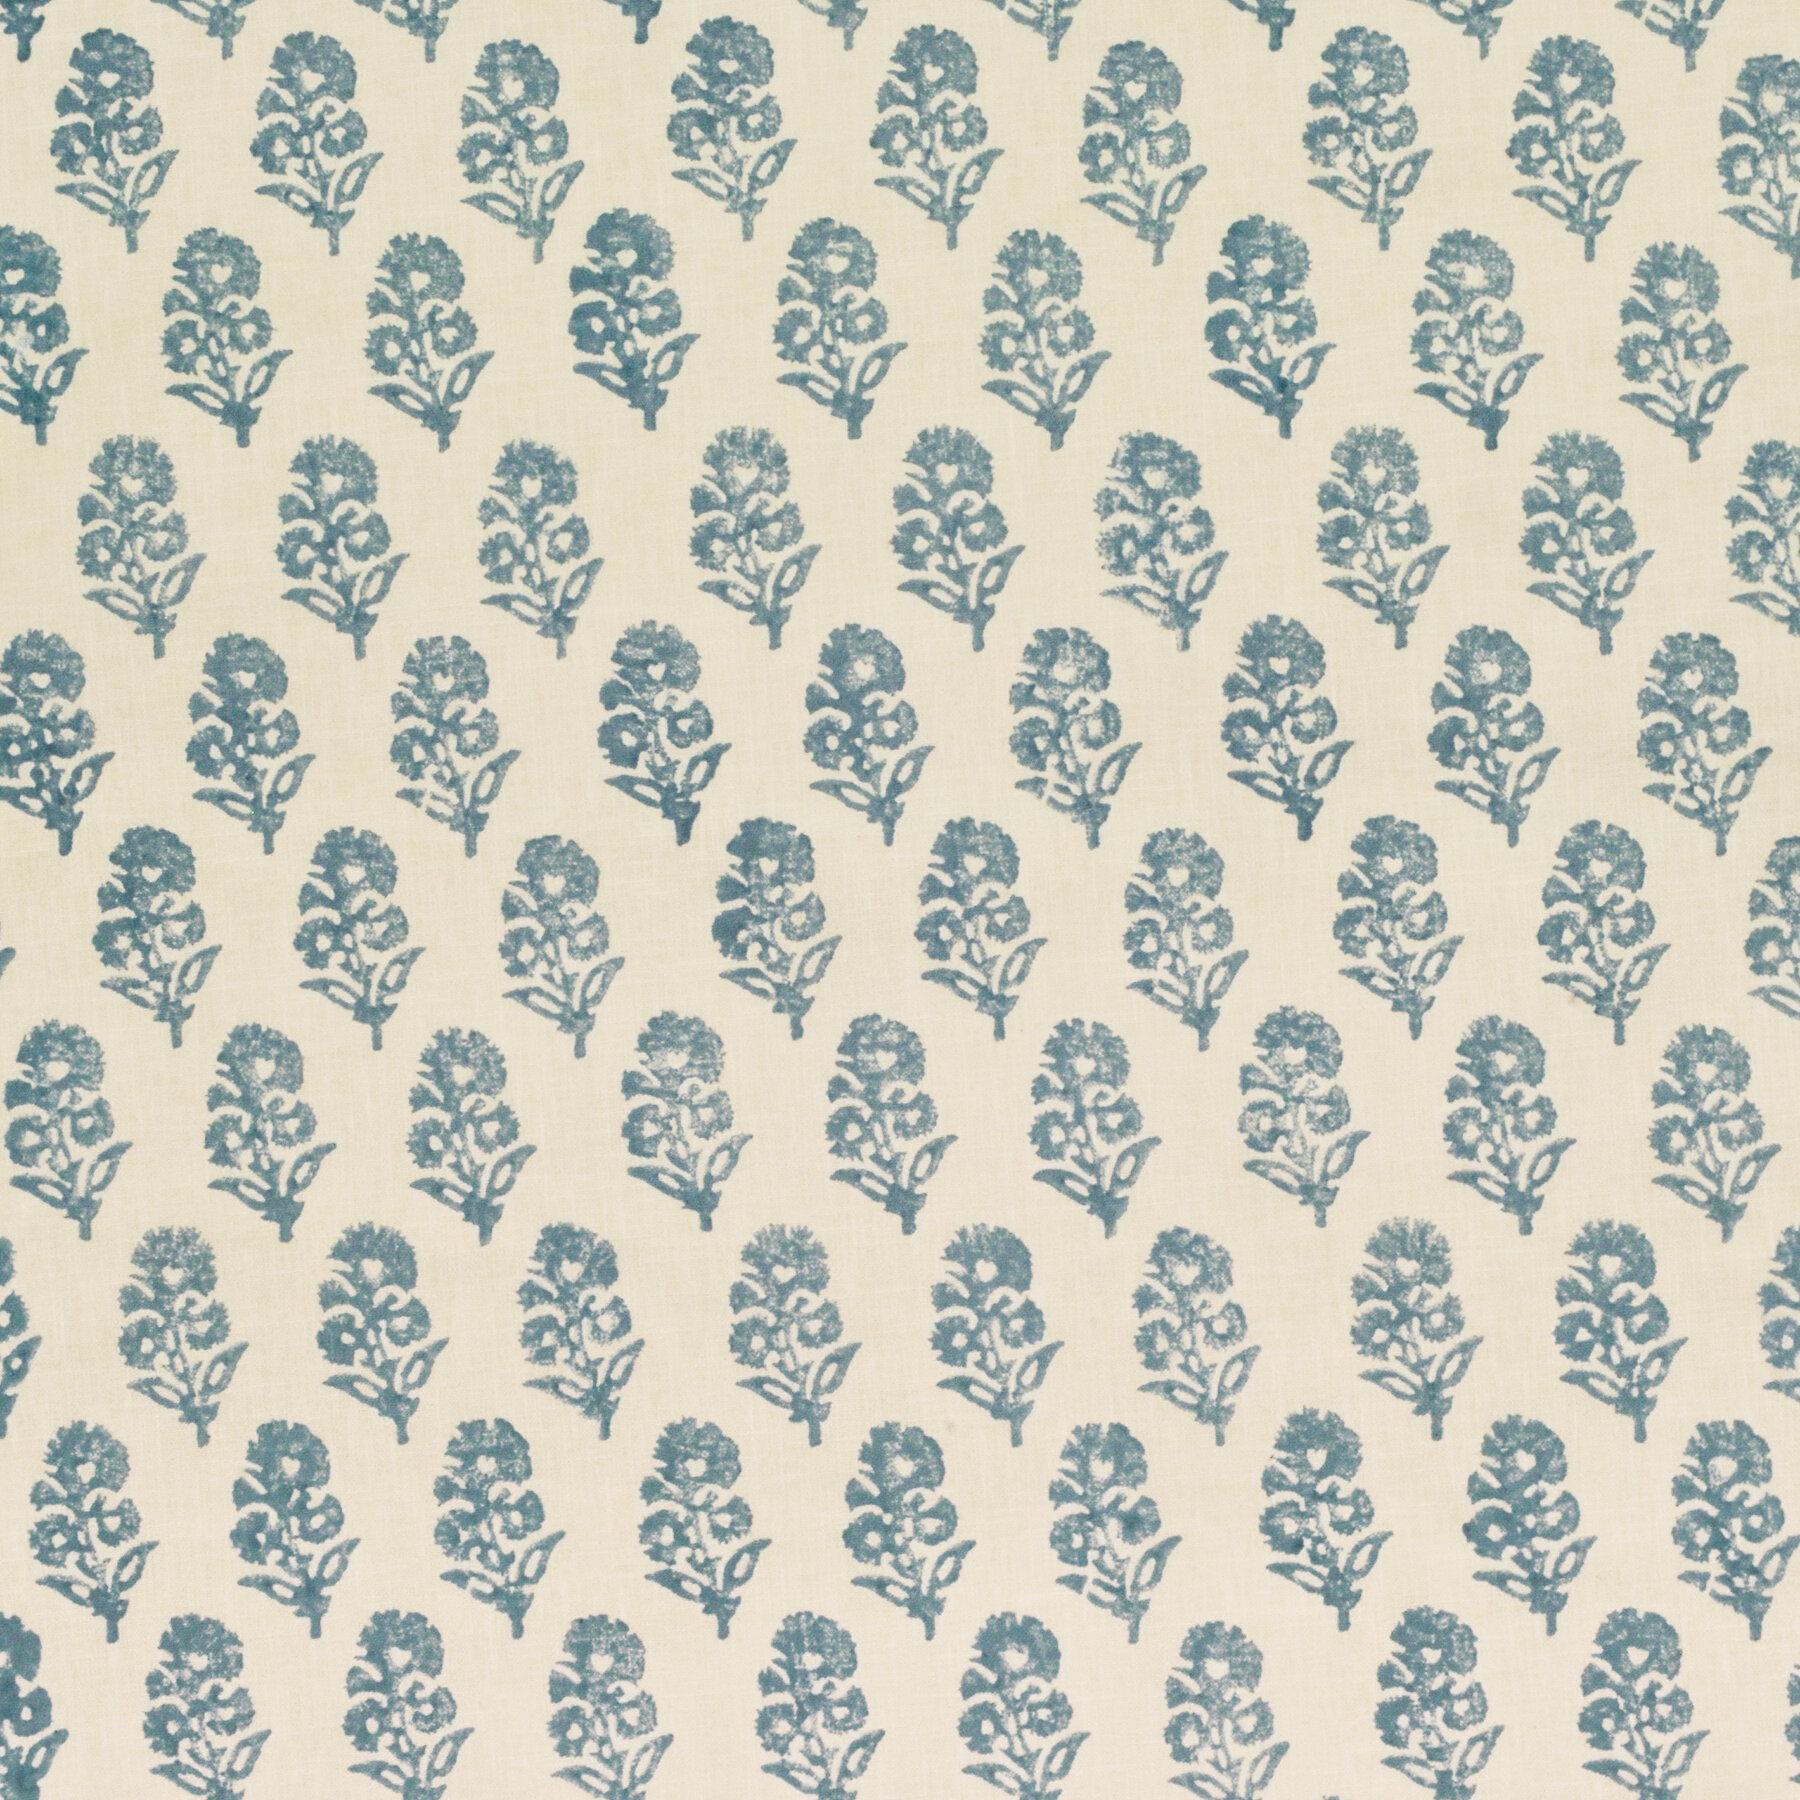 Ralph Lauren Allie Blockprint Fabric Perigold